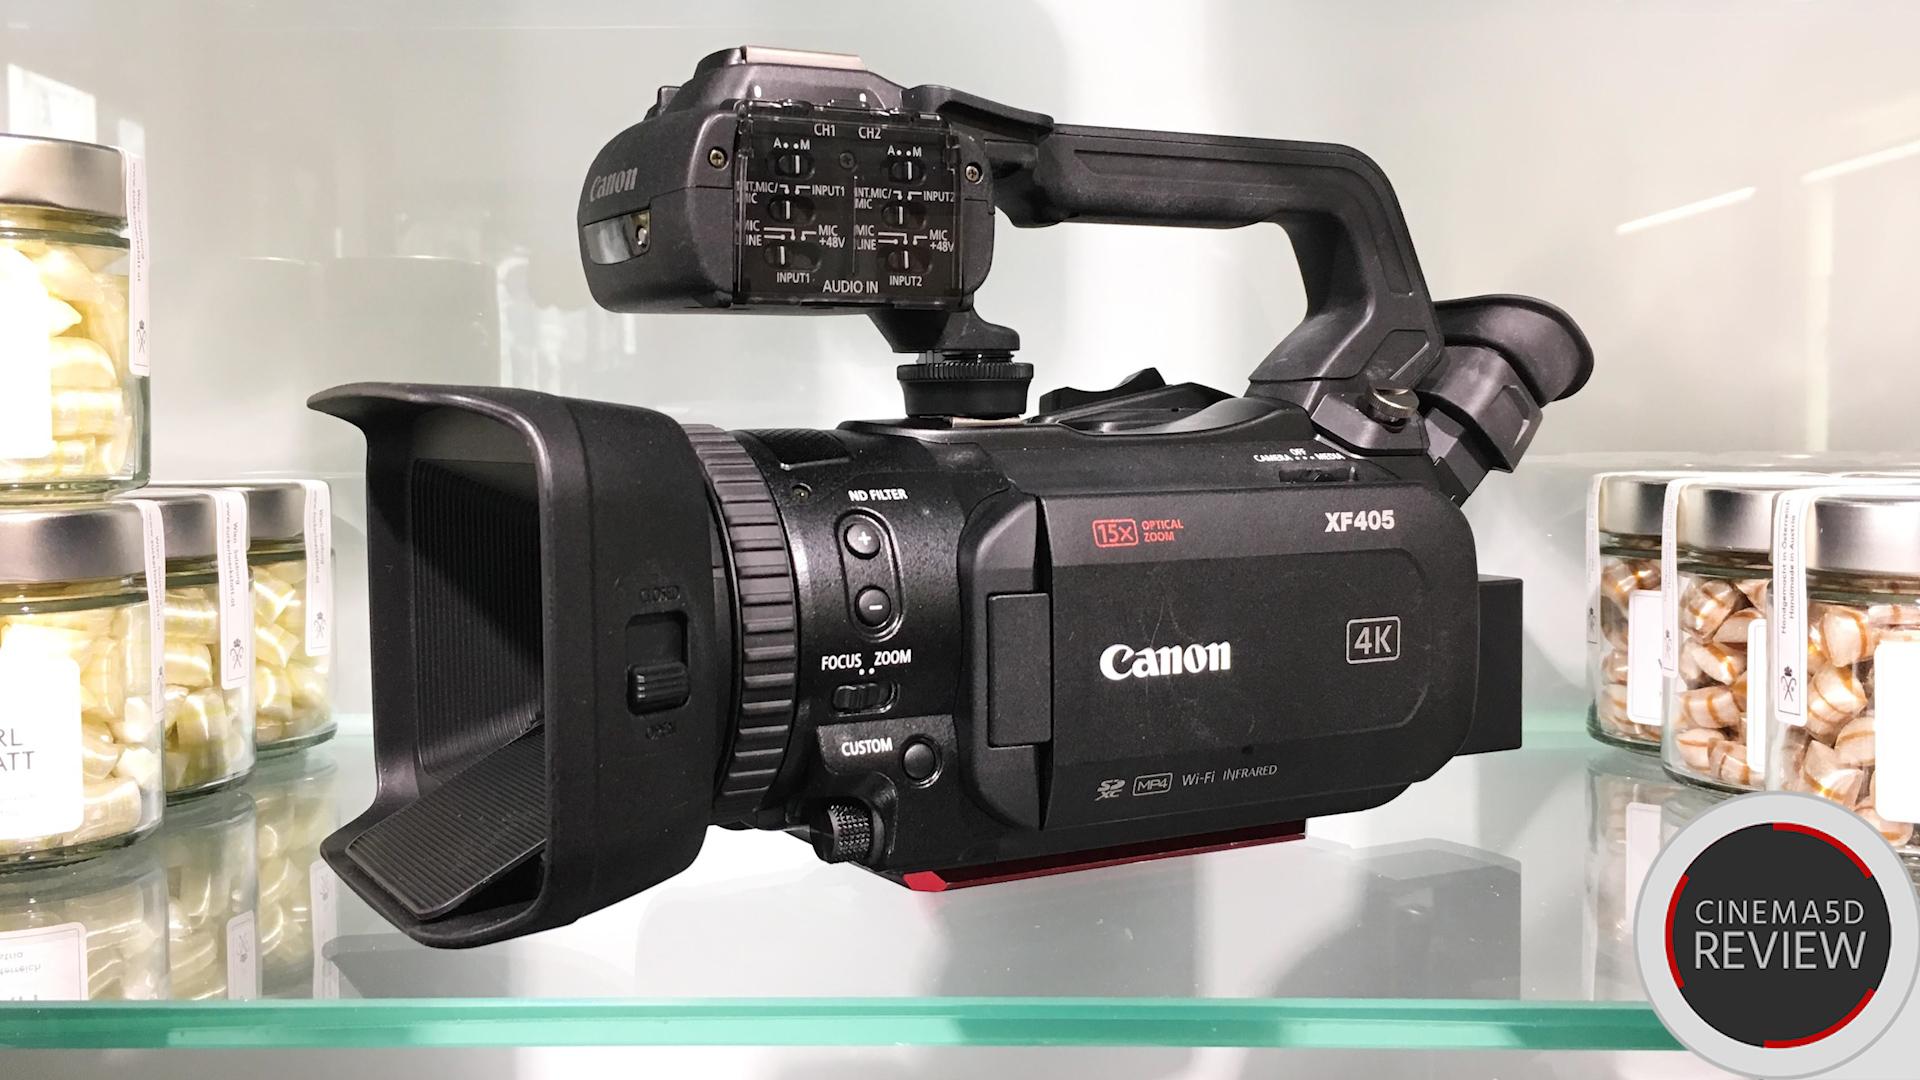 キヤノンXF405レビュー - 1インチセンサー搭載の4K対応ハンディ―ビデオカメラ